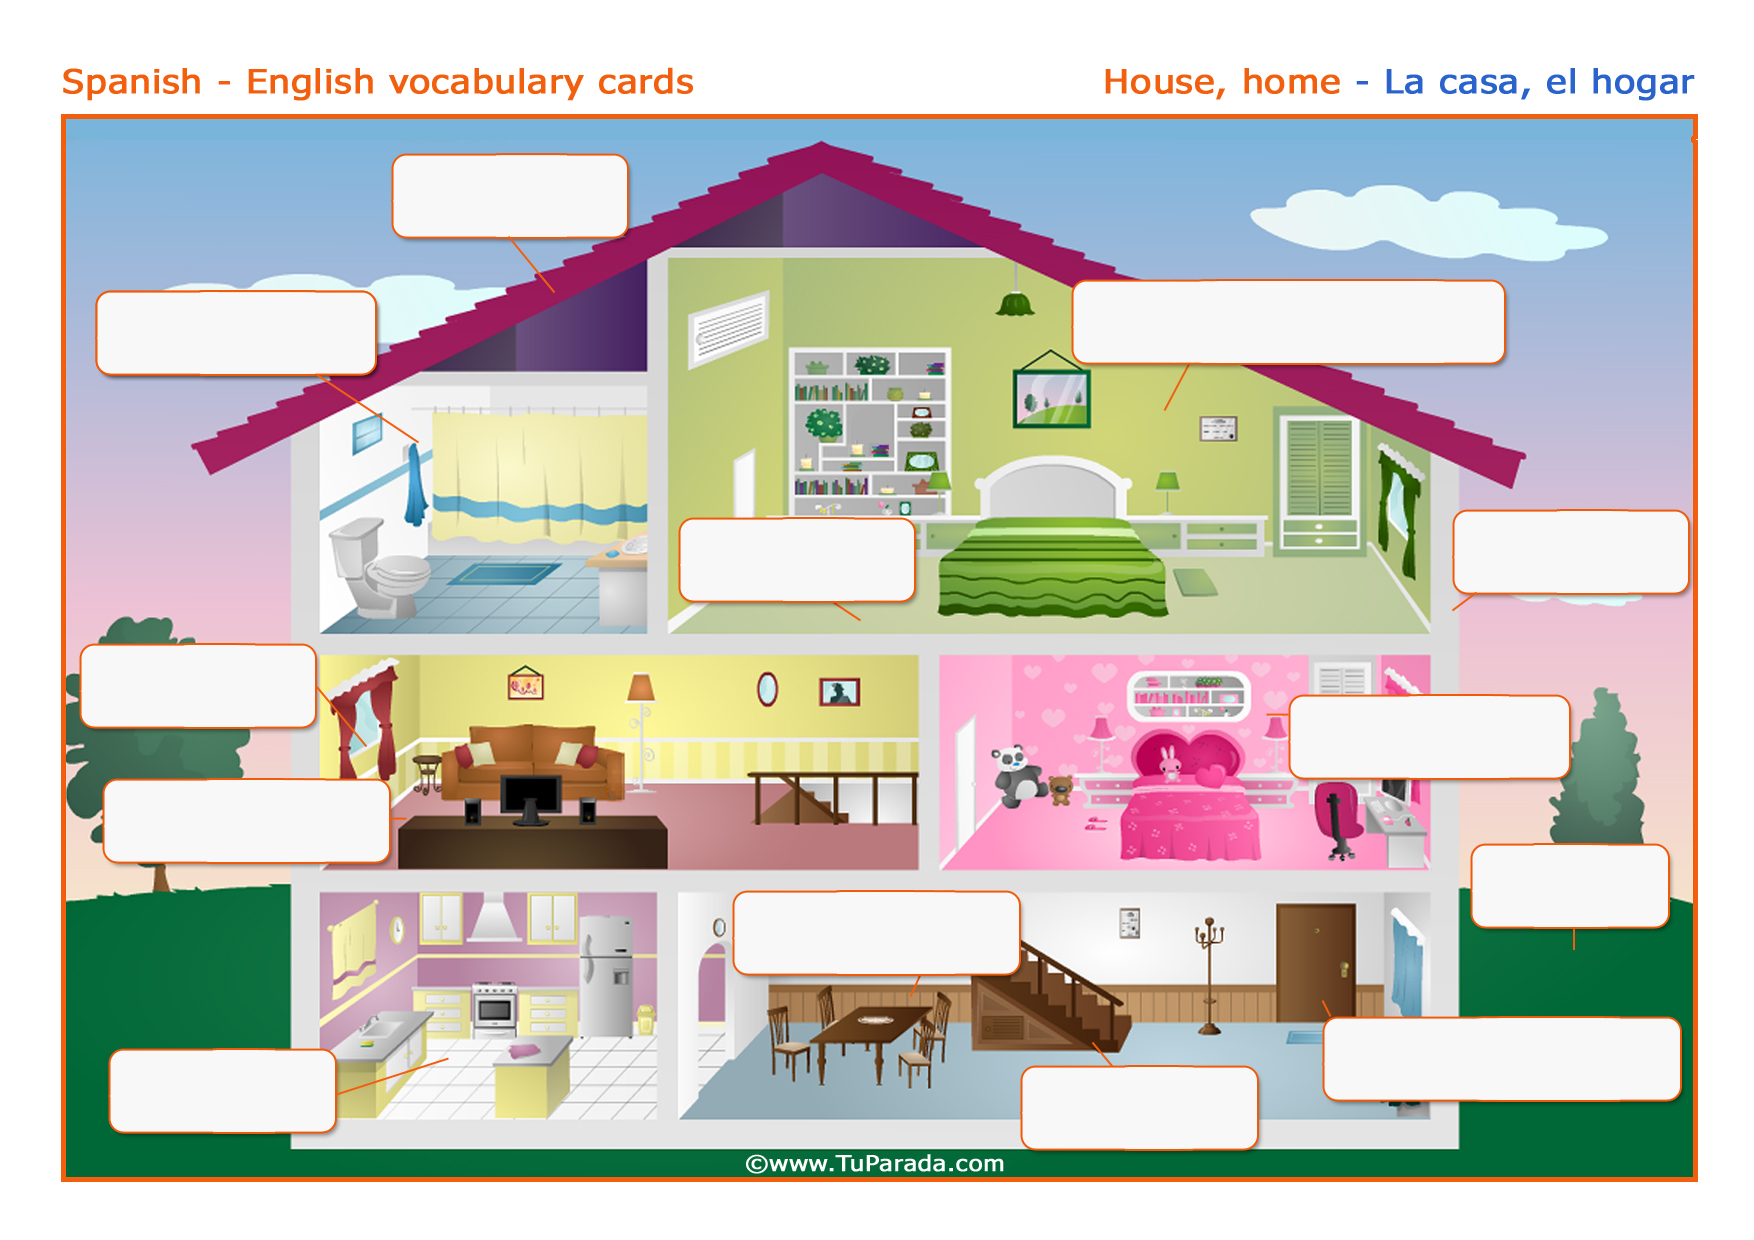 Vocabulario la casa the house imprimir vocabulario - Dibujos de casas para imprimir ...